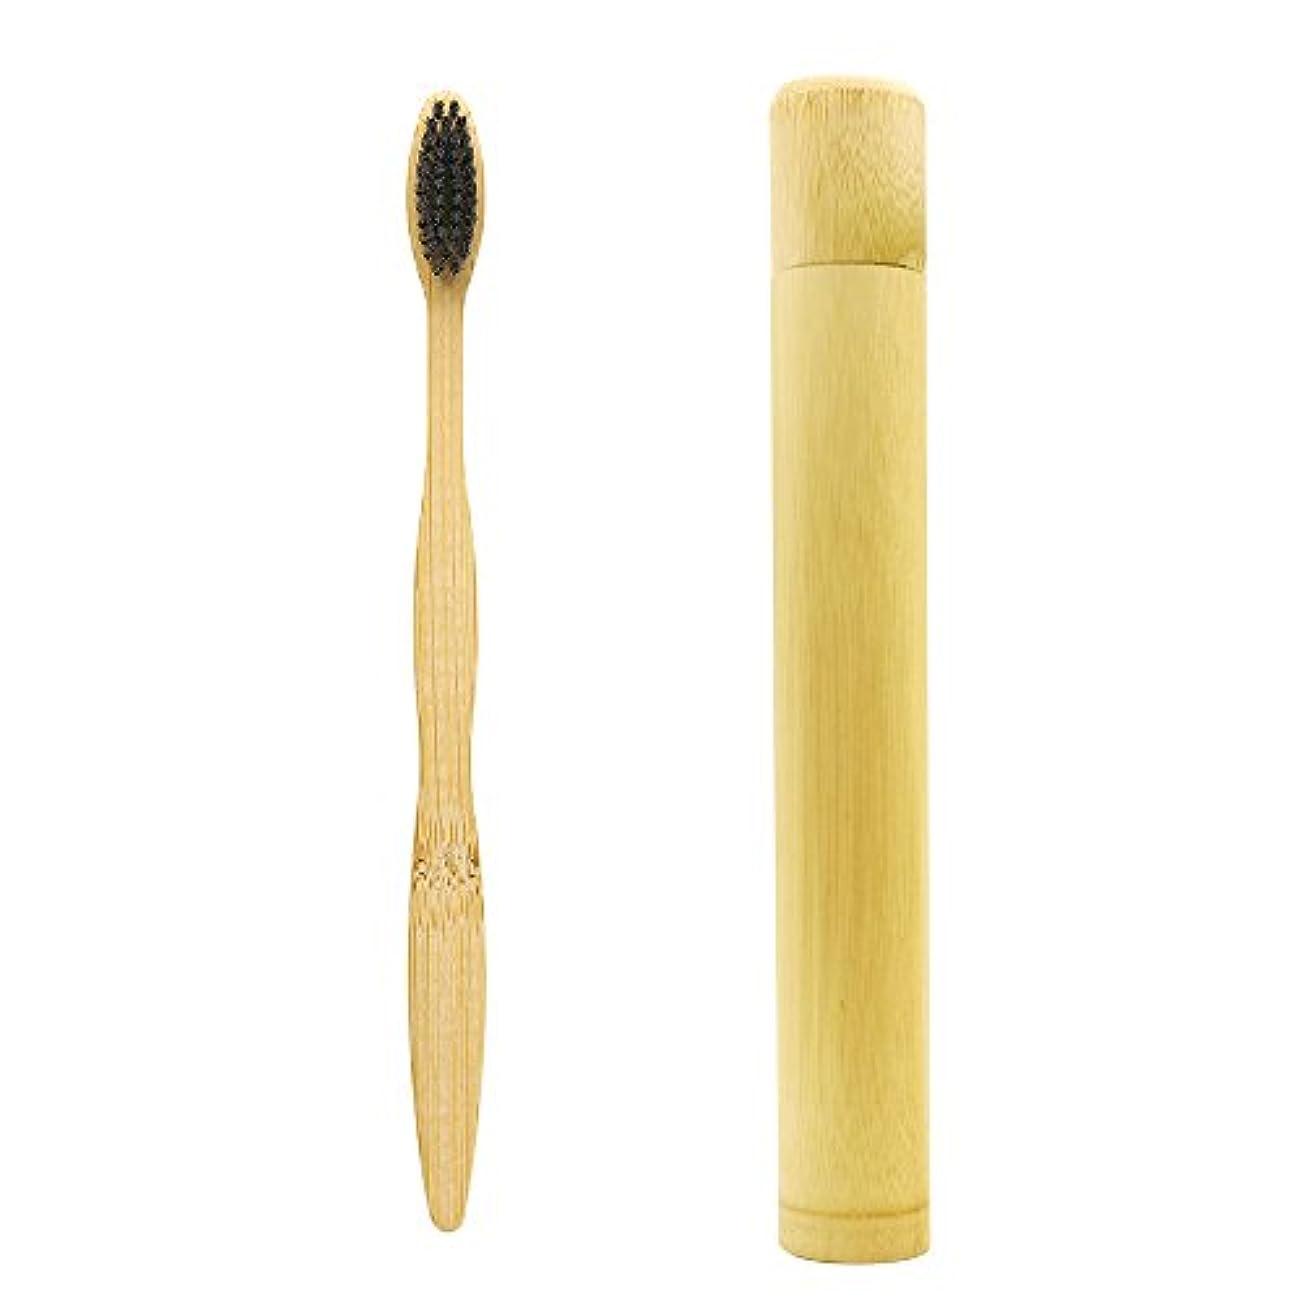 消すハウジング杭N-amboo 歯ブラシ ケース付き 竹製 高耐久性 出張旅行 携帯便利